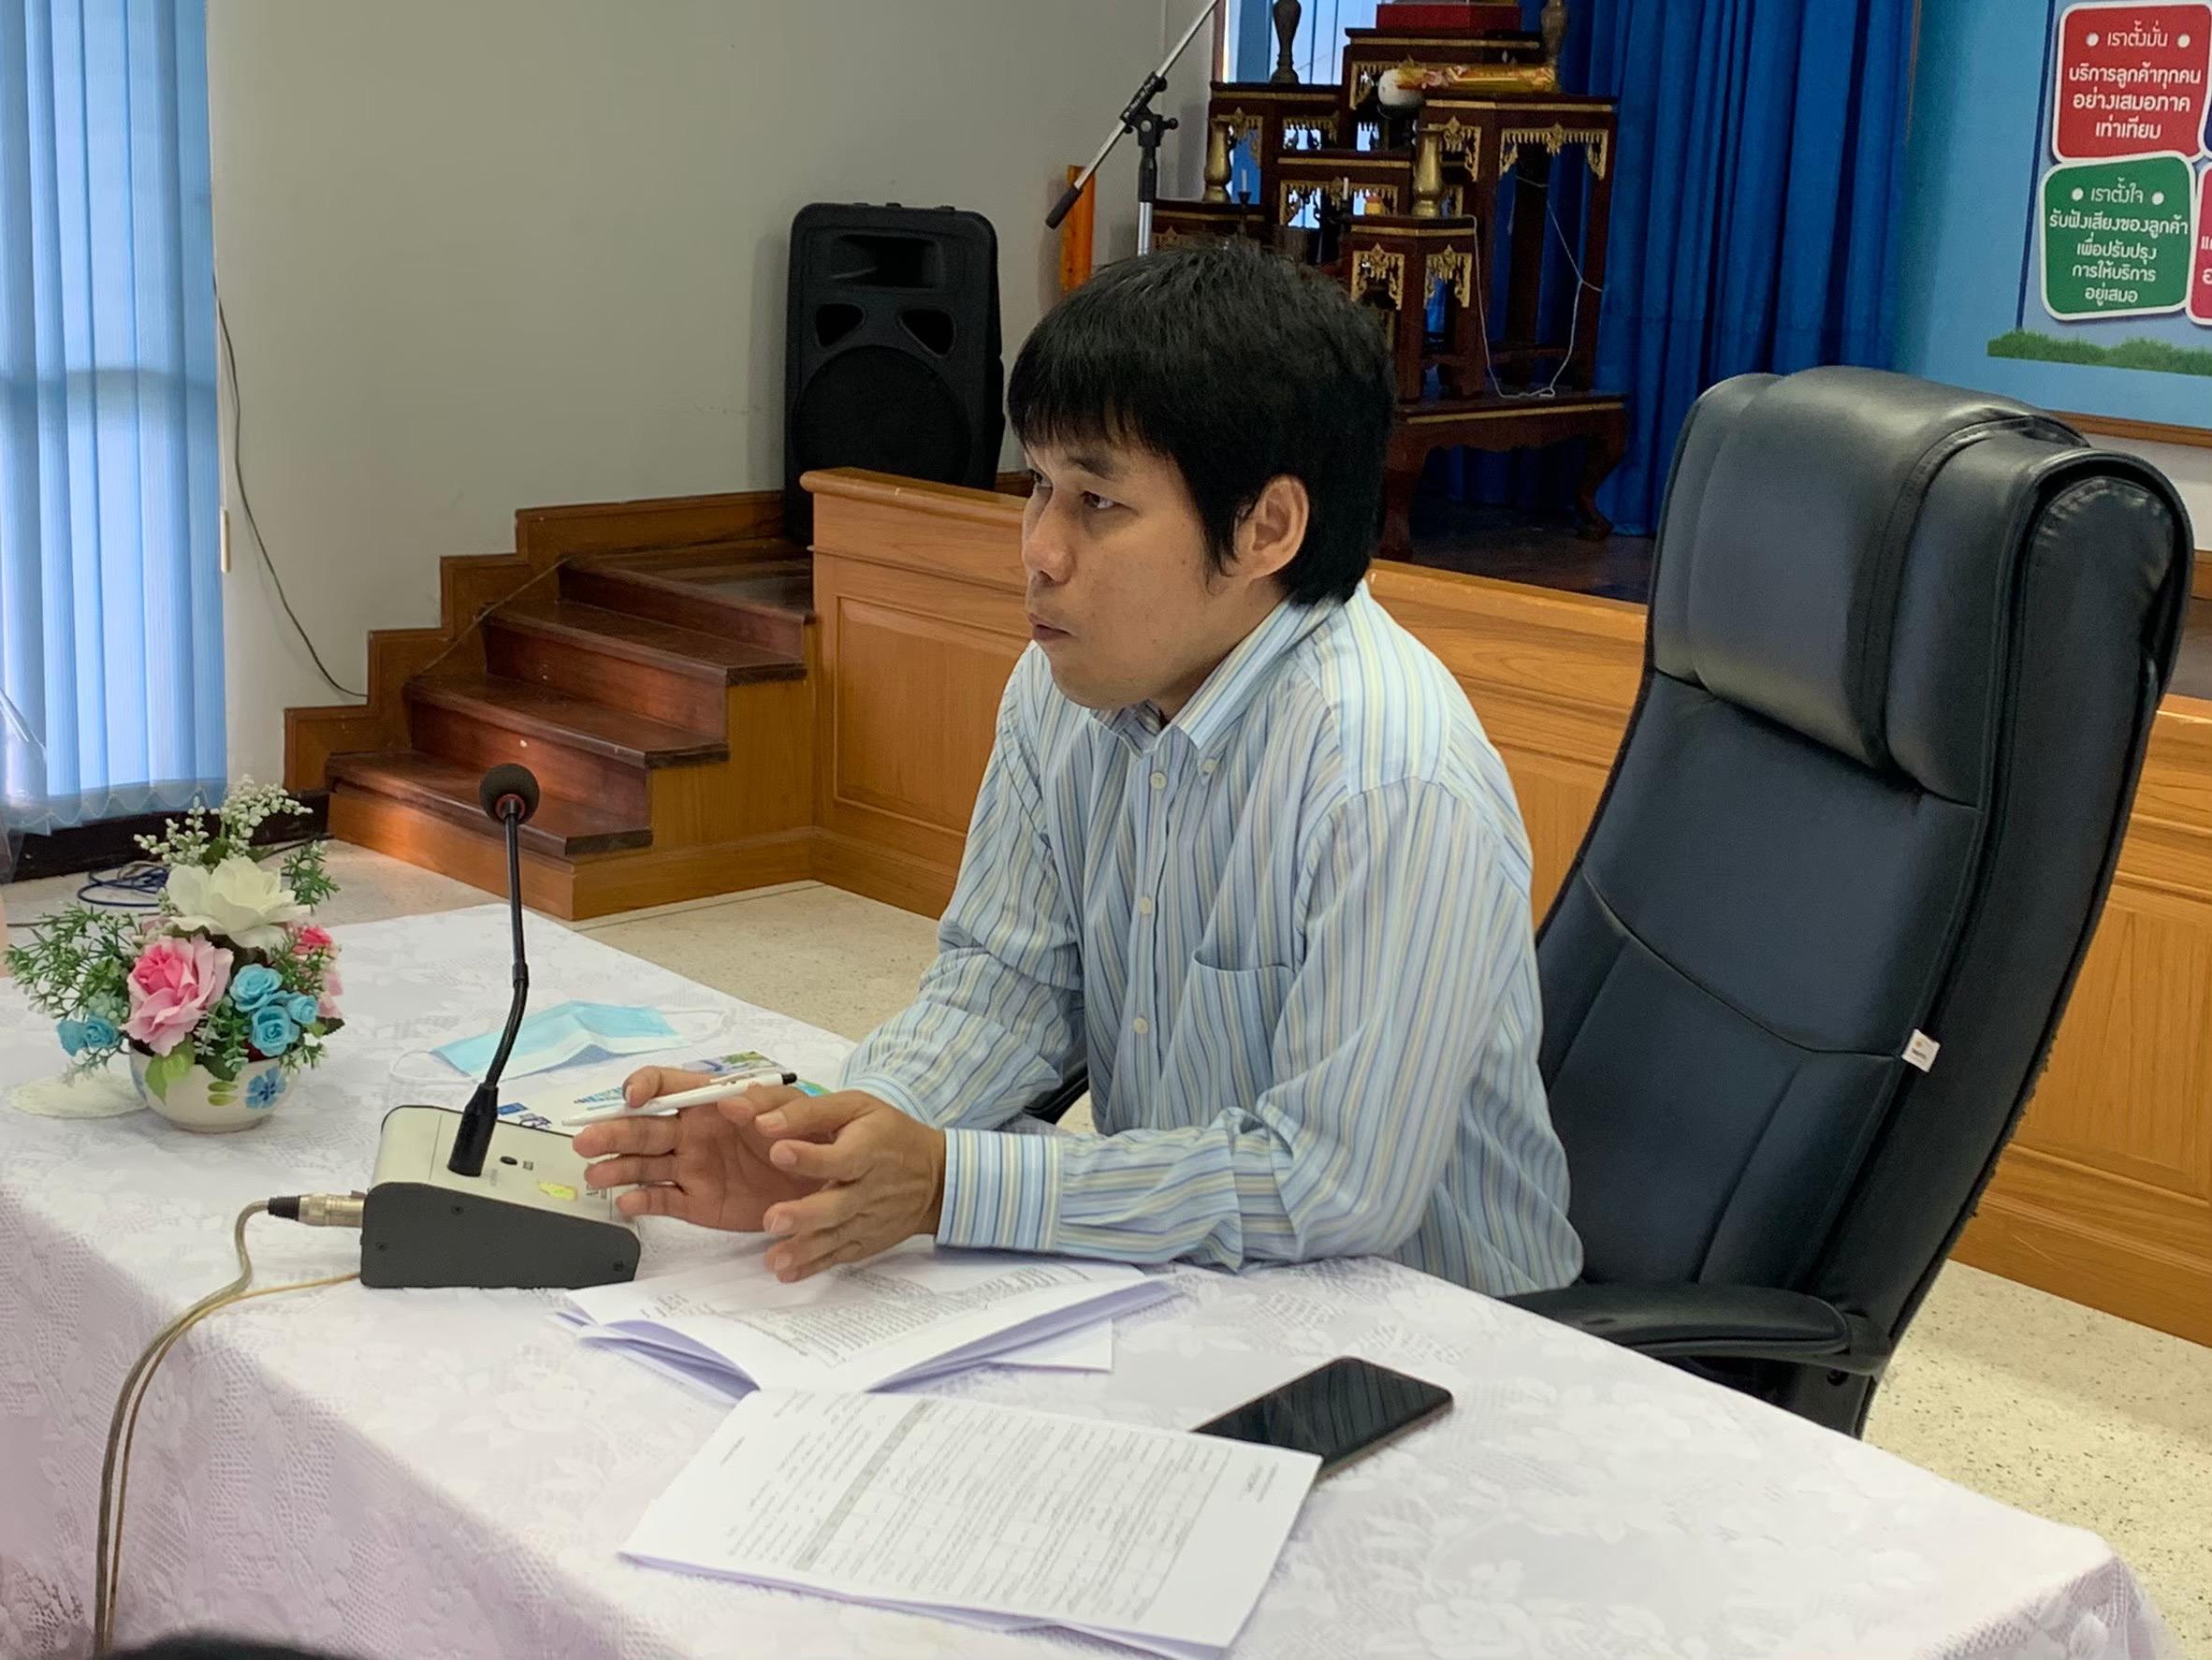 กองระบบจำหน่ายจัดกิจกรรม สนทนายามเช้า (Morning Talk ครั้งที่ 7/ปีงบประมาณ 2564